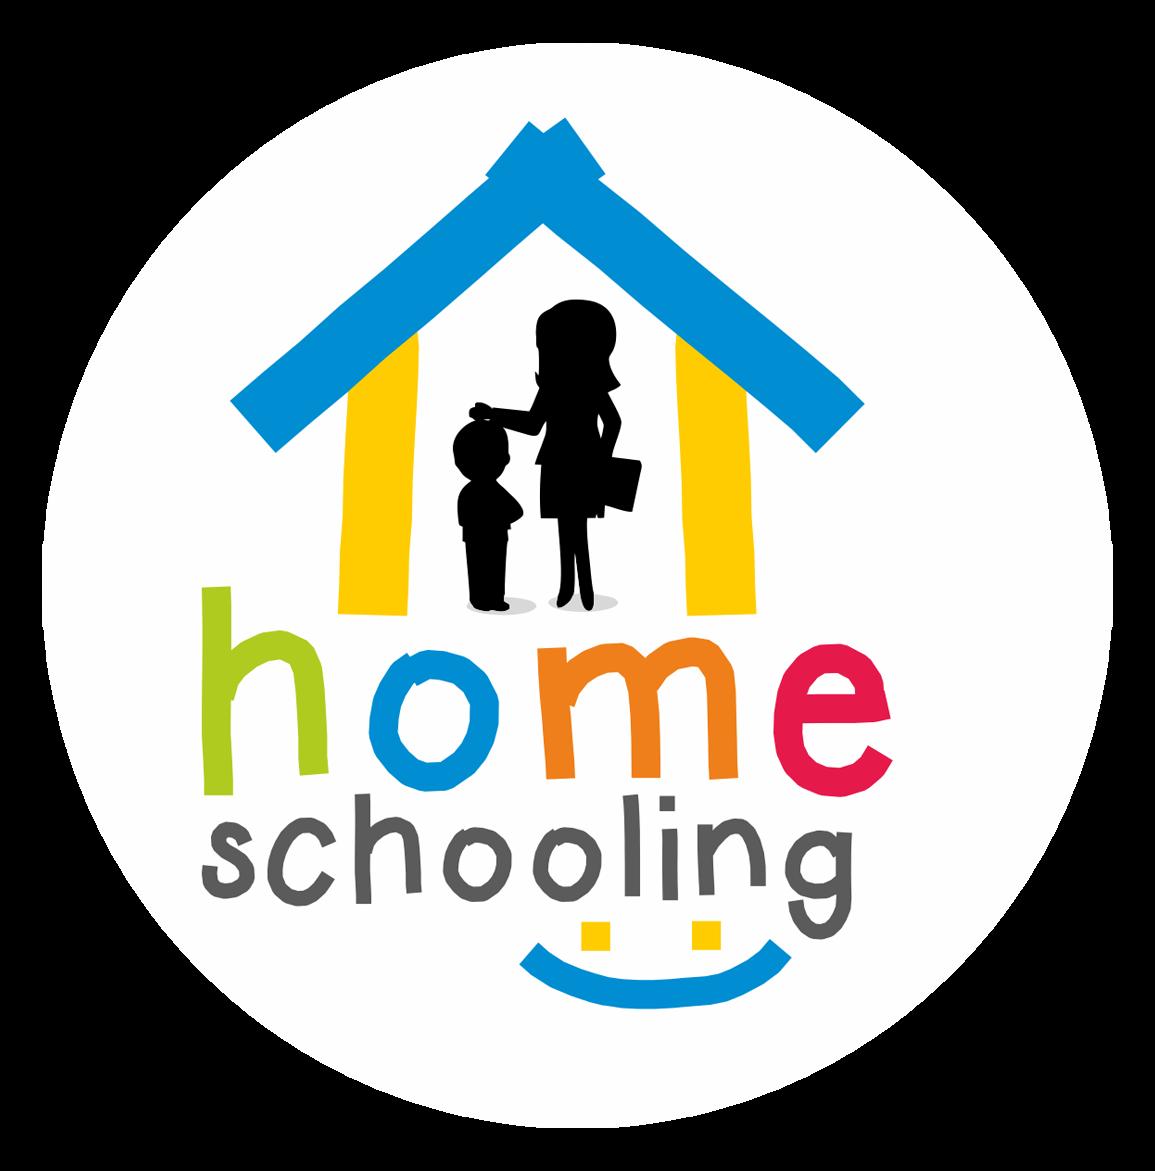 homeschooling-kit